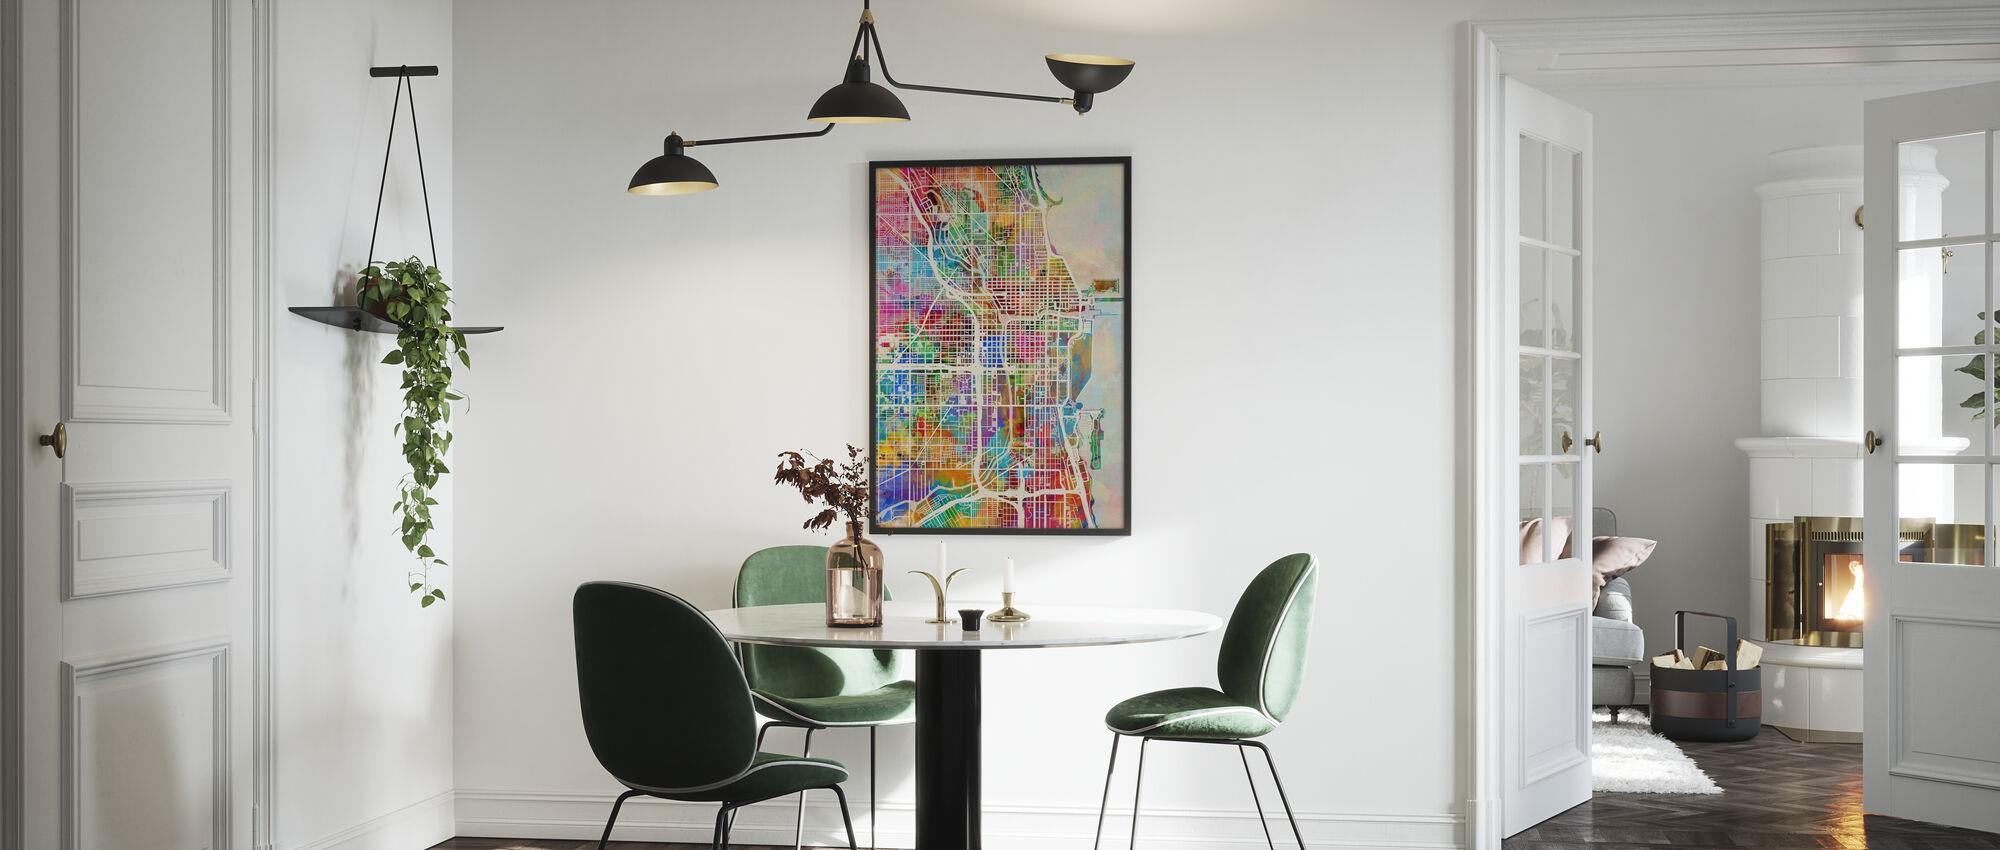 Chicago Street Map Flerticolour - Innrammet bilde - Kjøkken